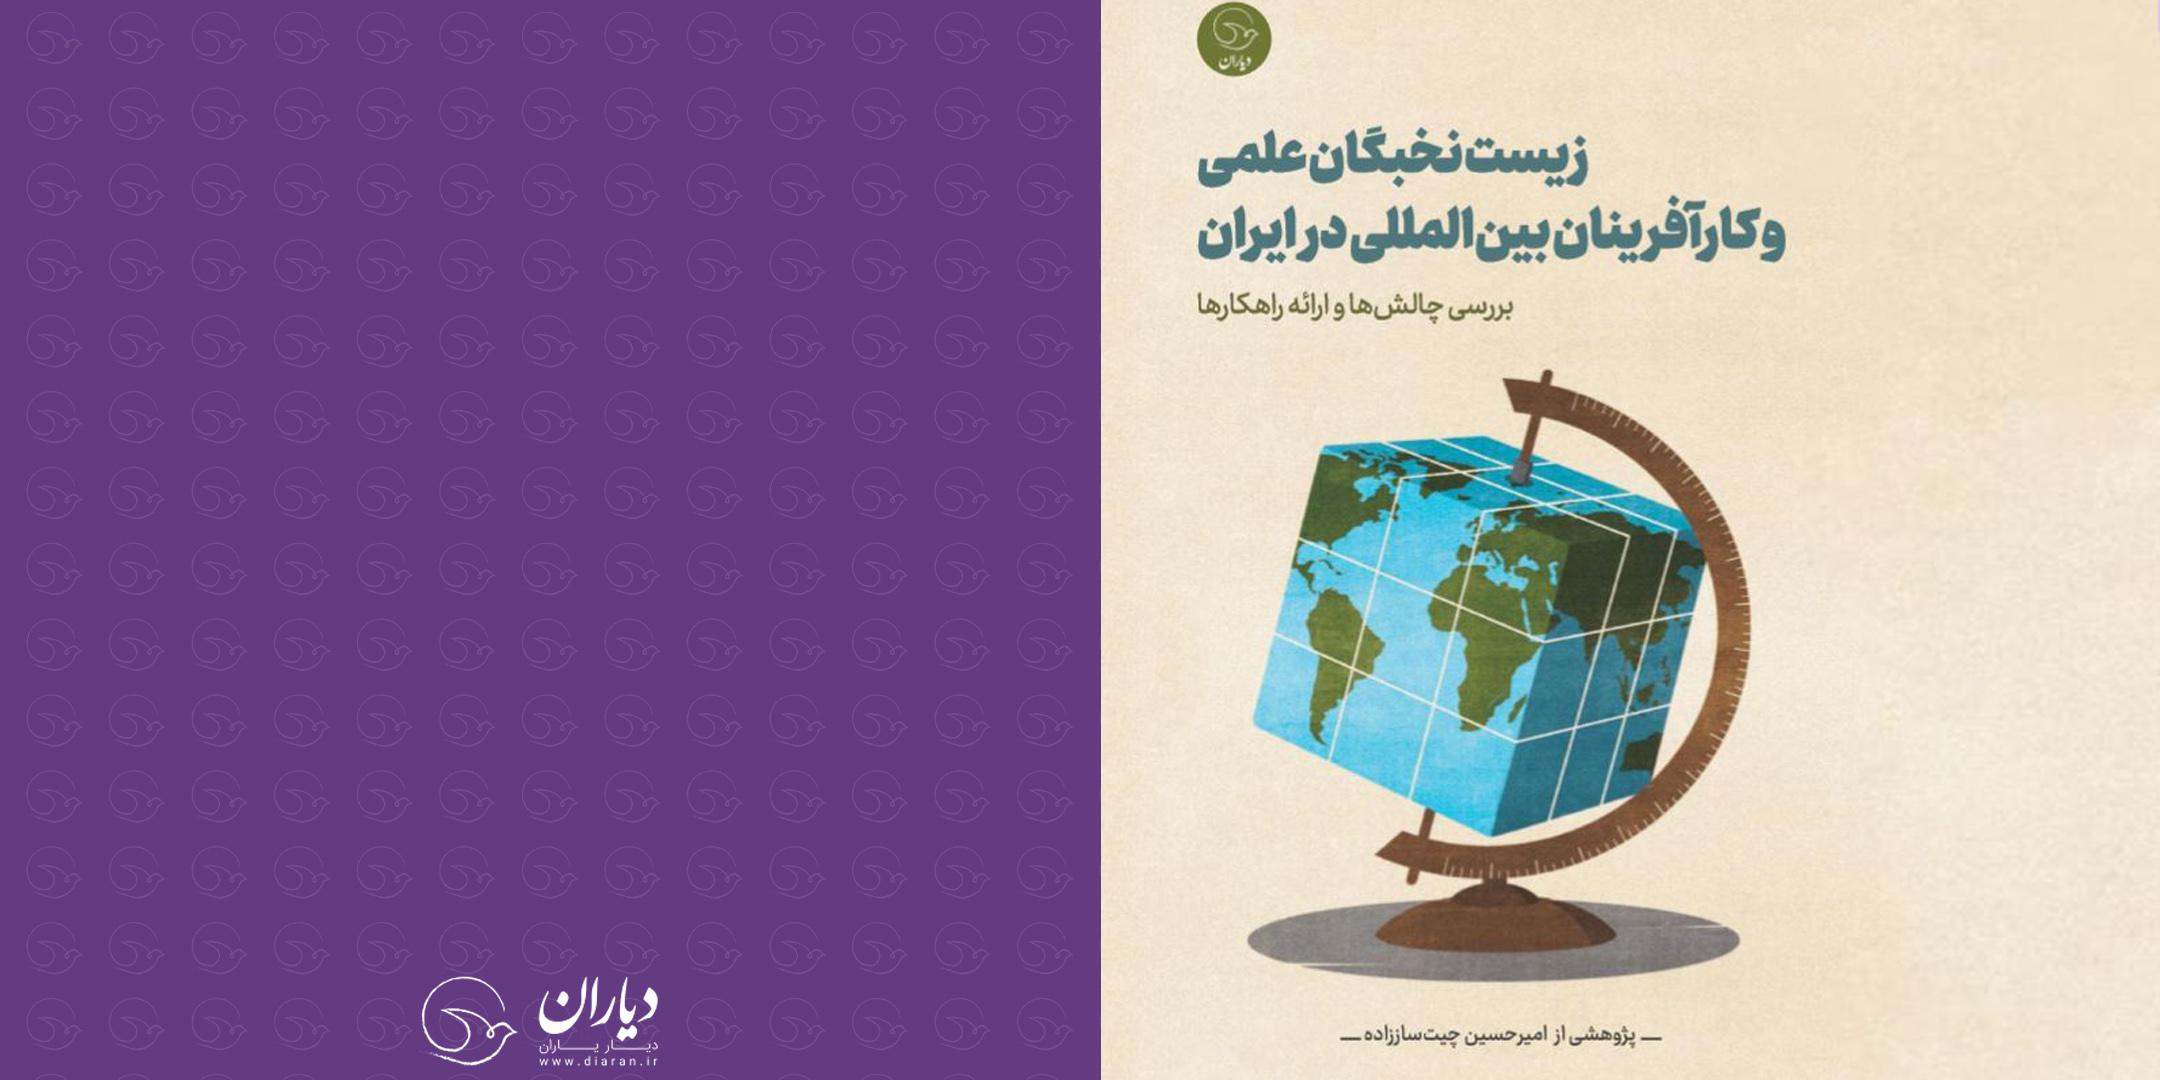 زیست نخبگان علمی و کارآفرینان بینالمللی در ایران